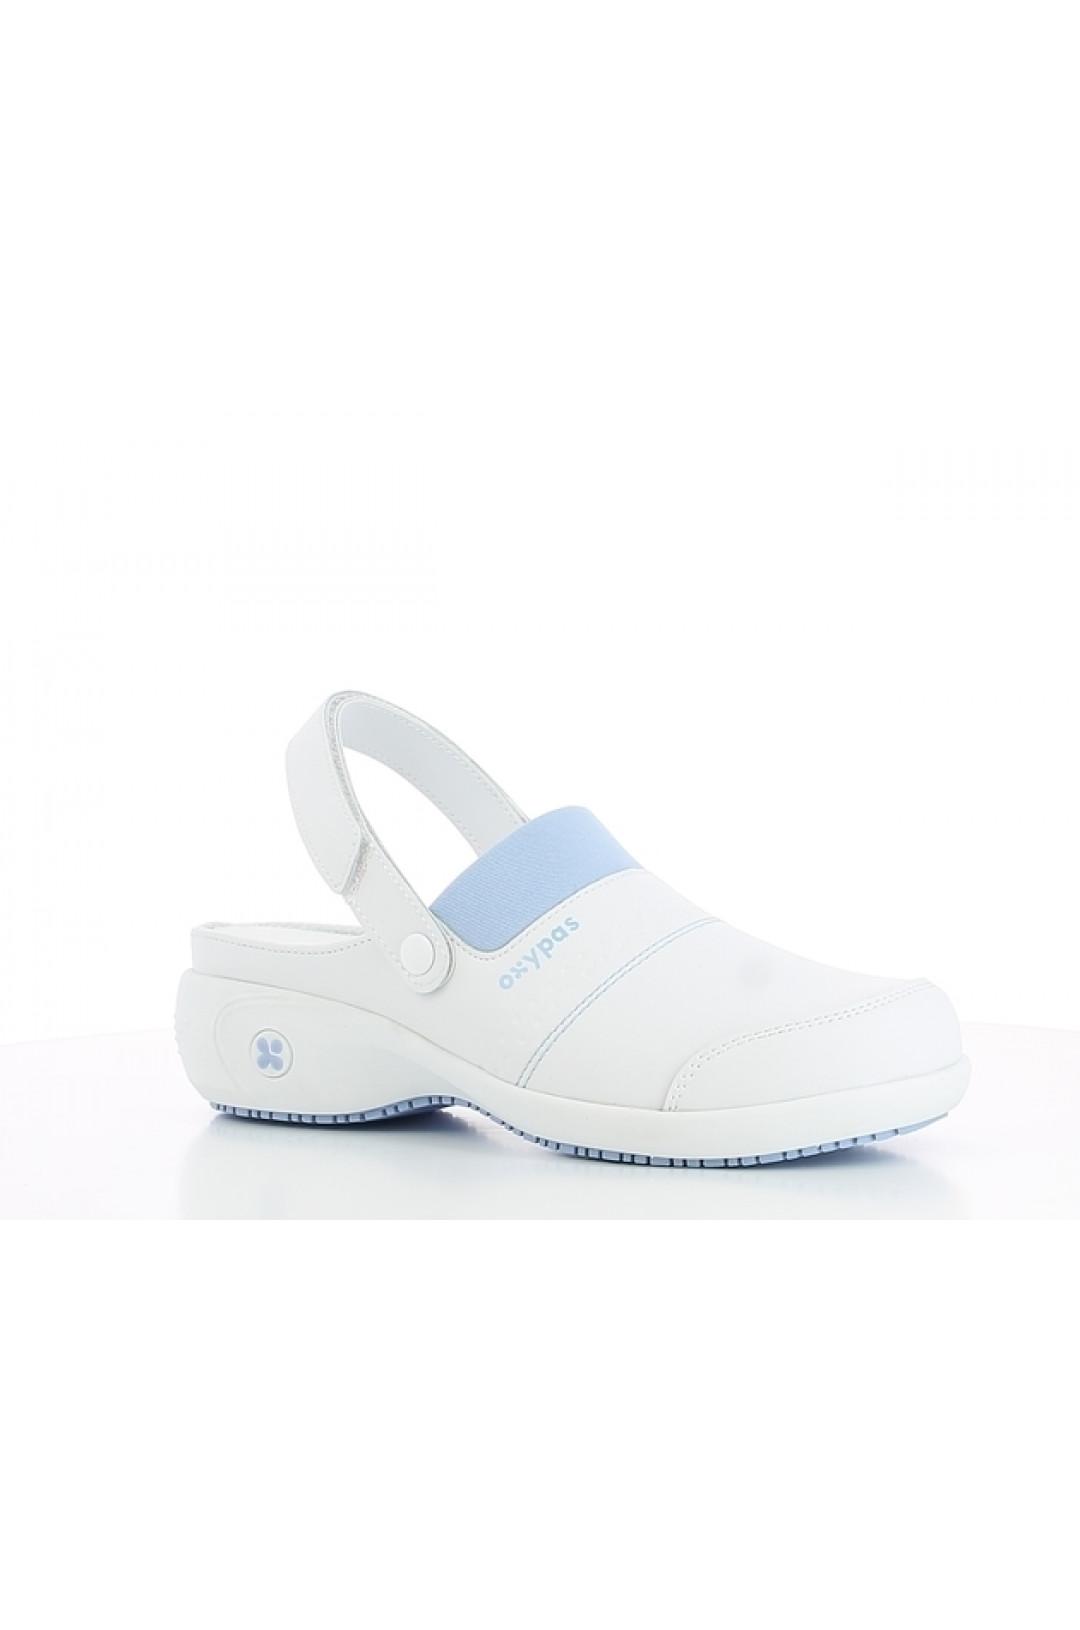 Обувь медицинская женская Sandy (св. голубой)